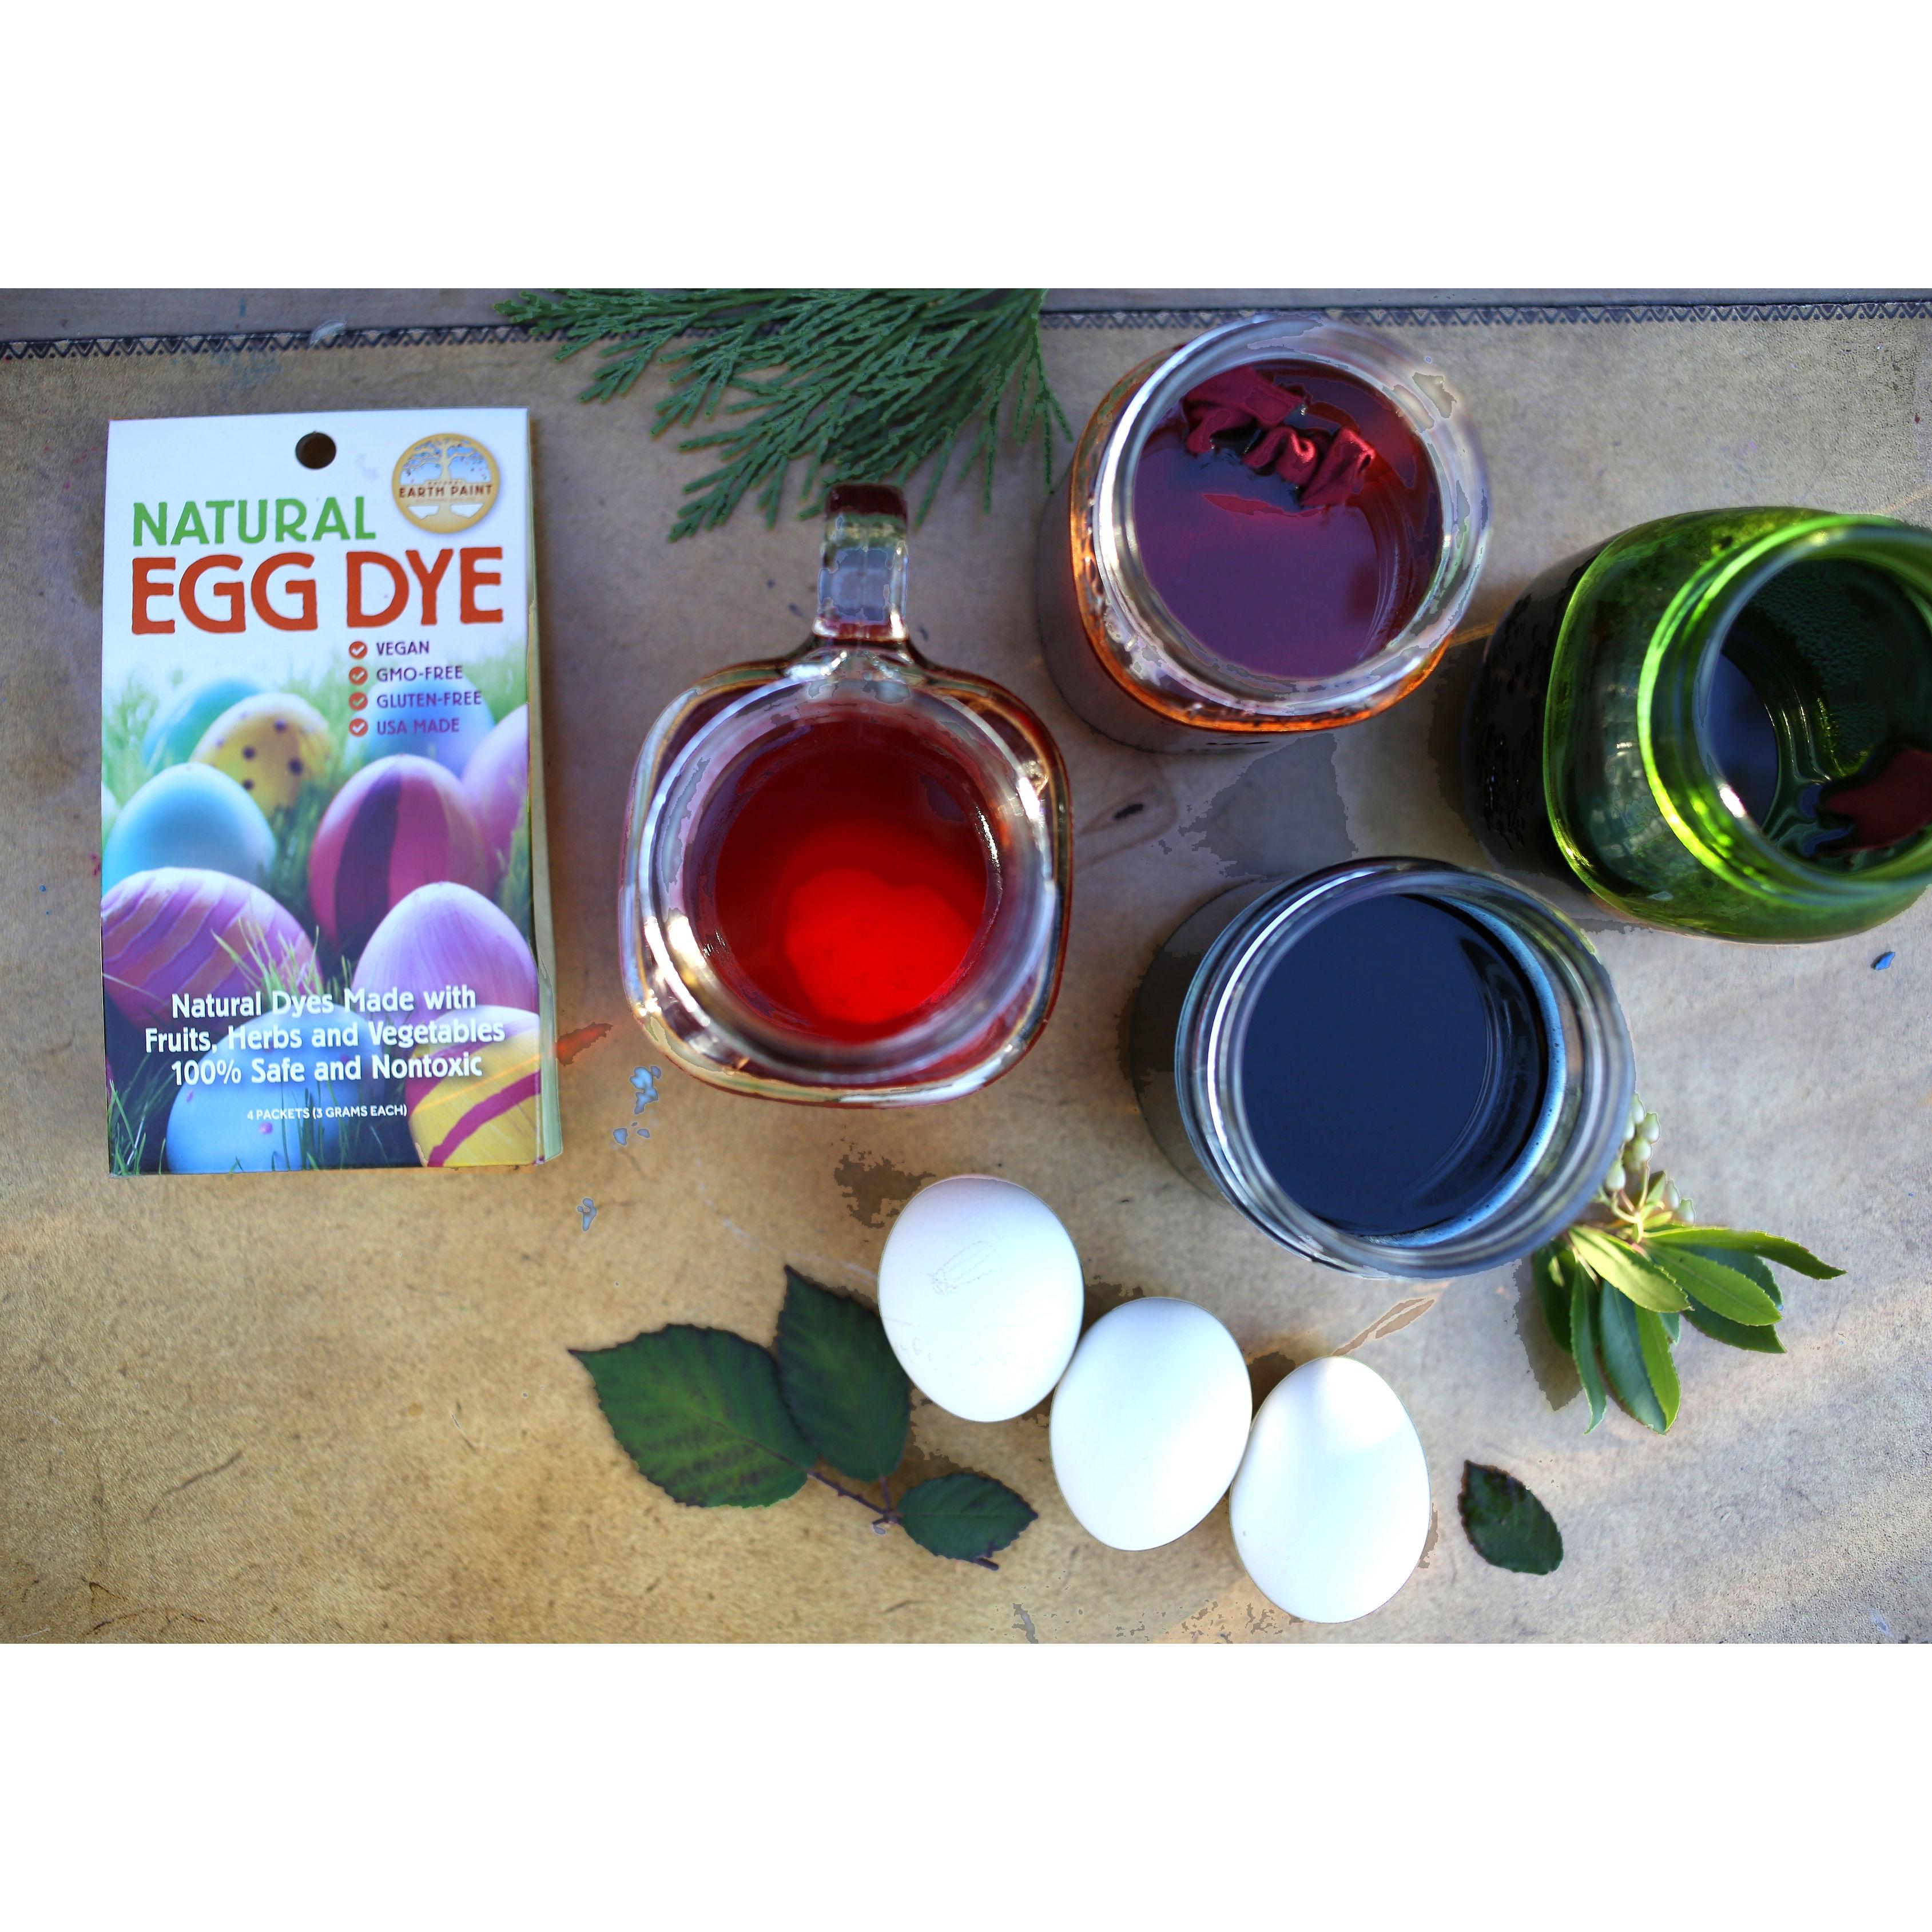 natural-egg-dye.jpg